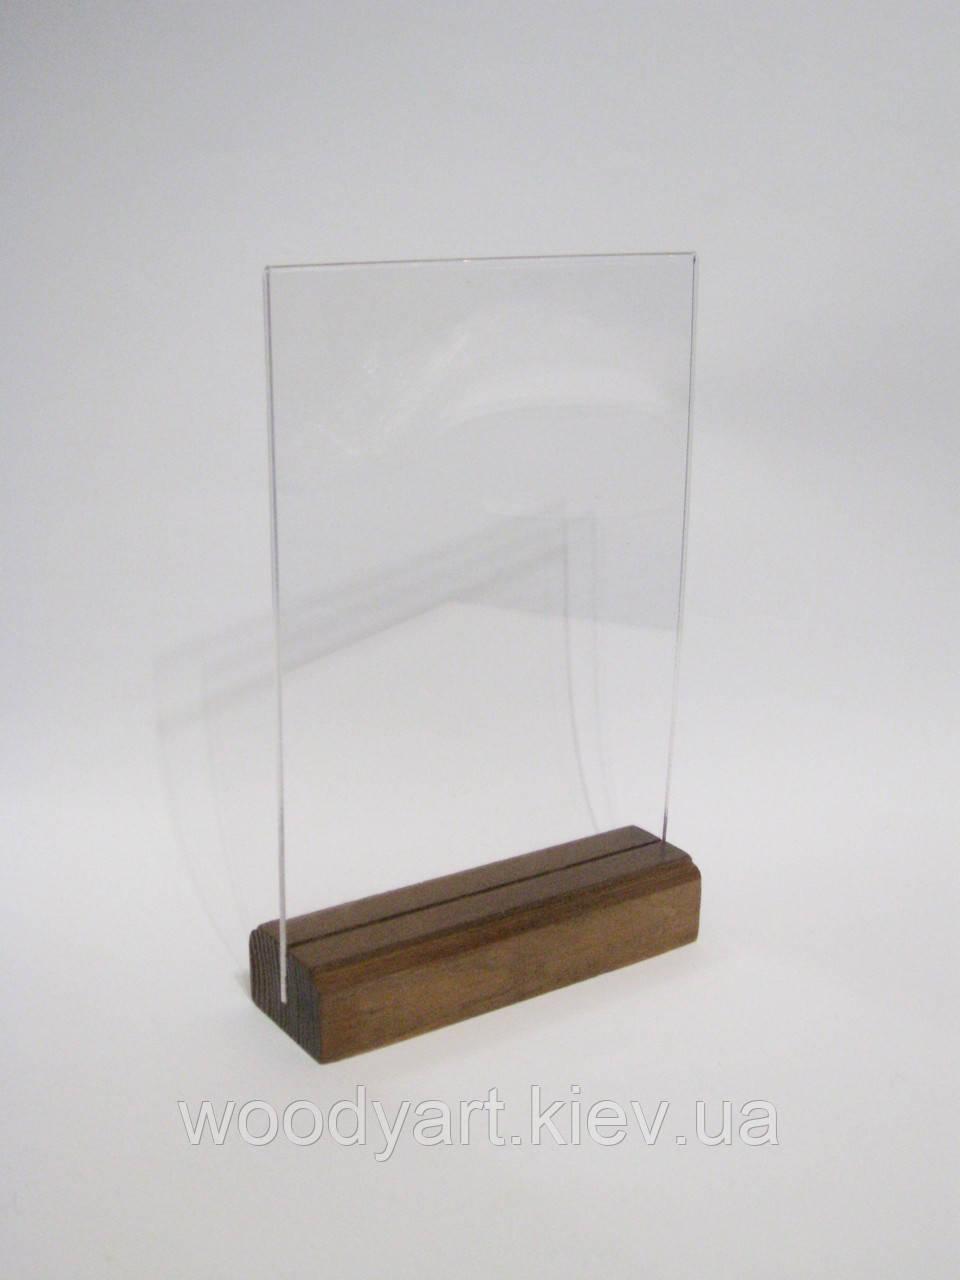 Менюхолдер на деревянной подставке (А5)